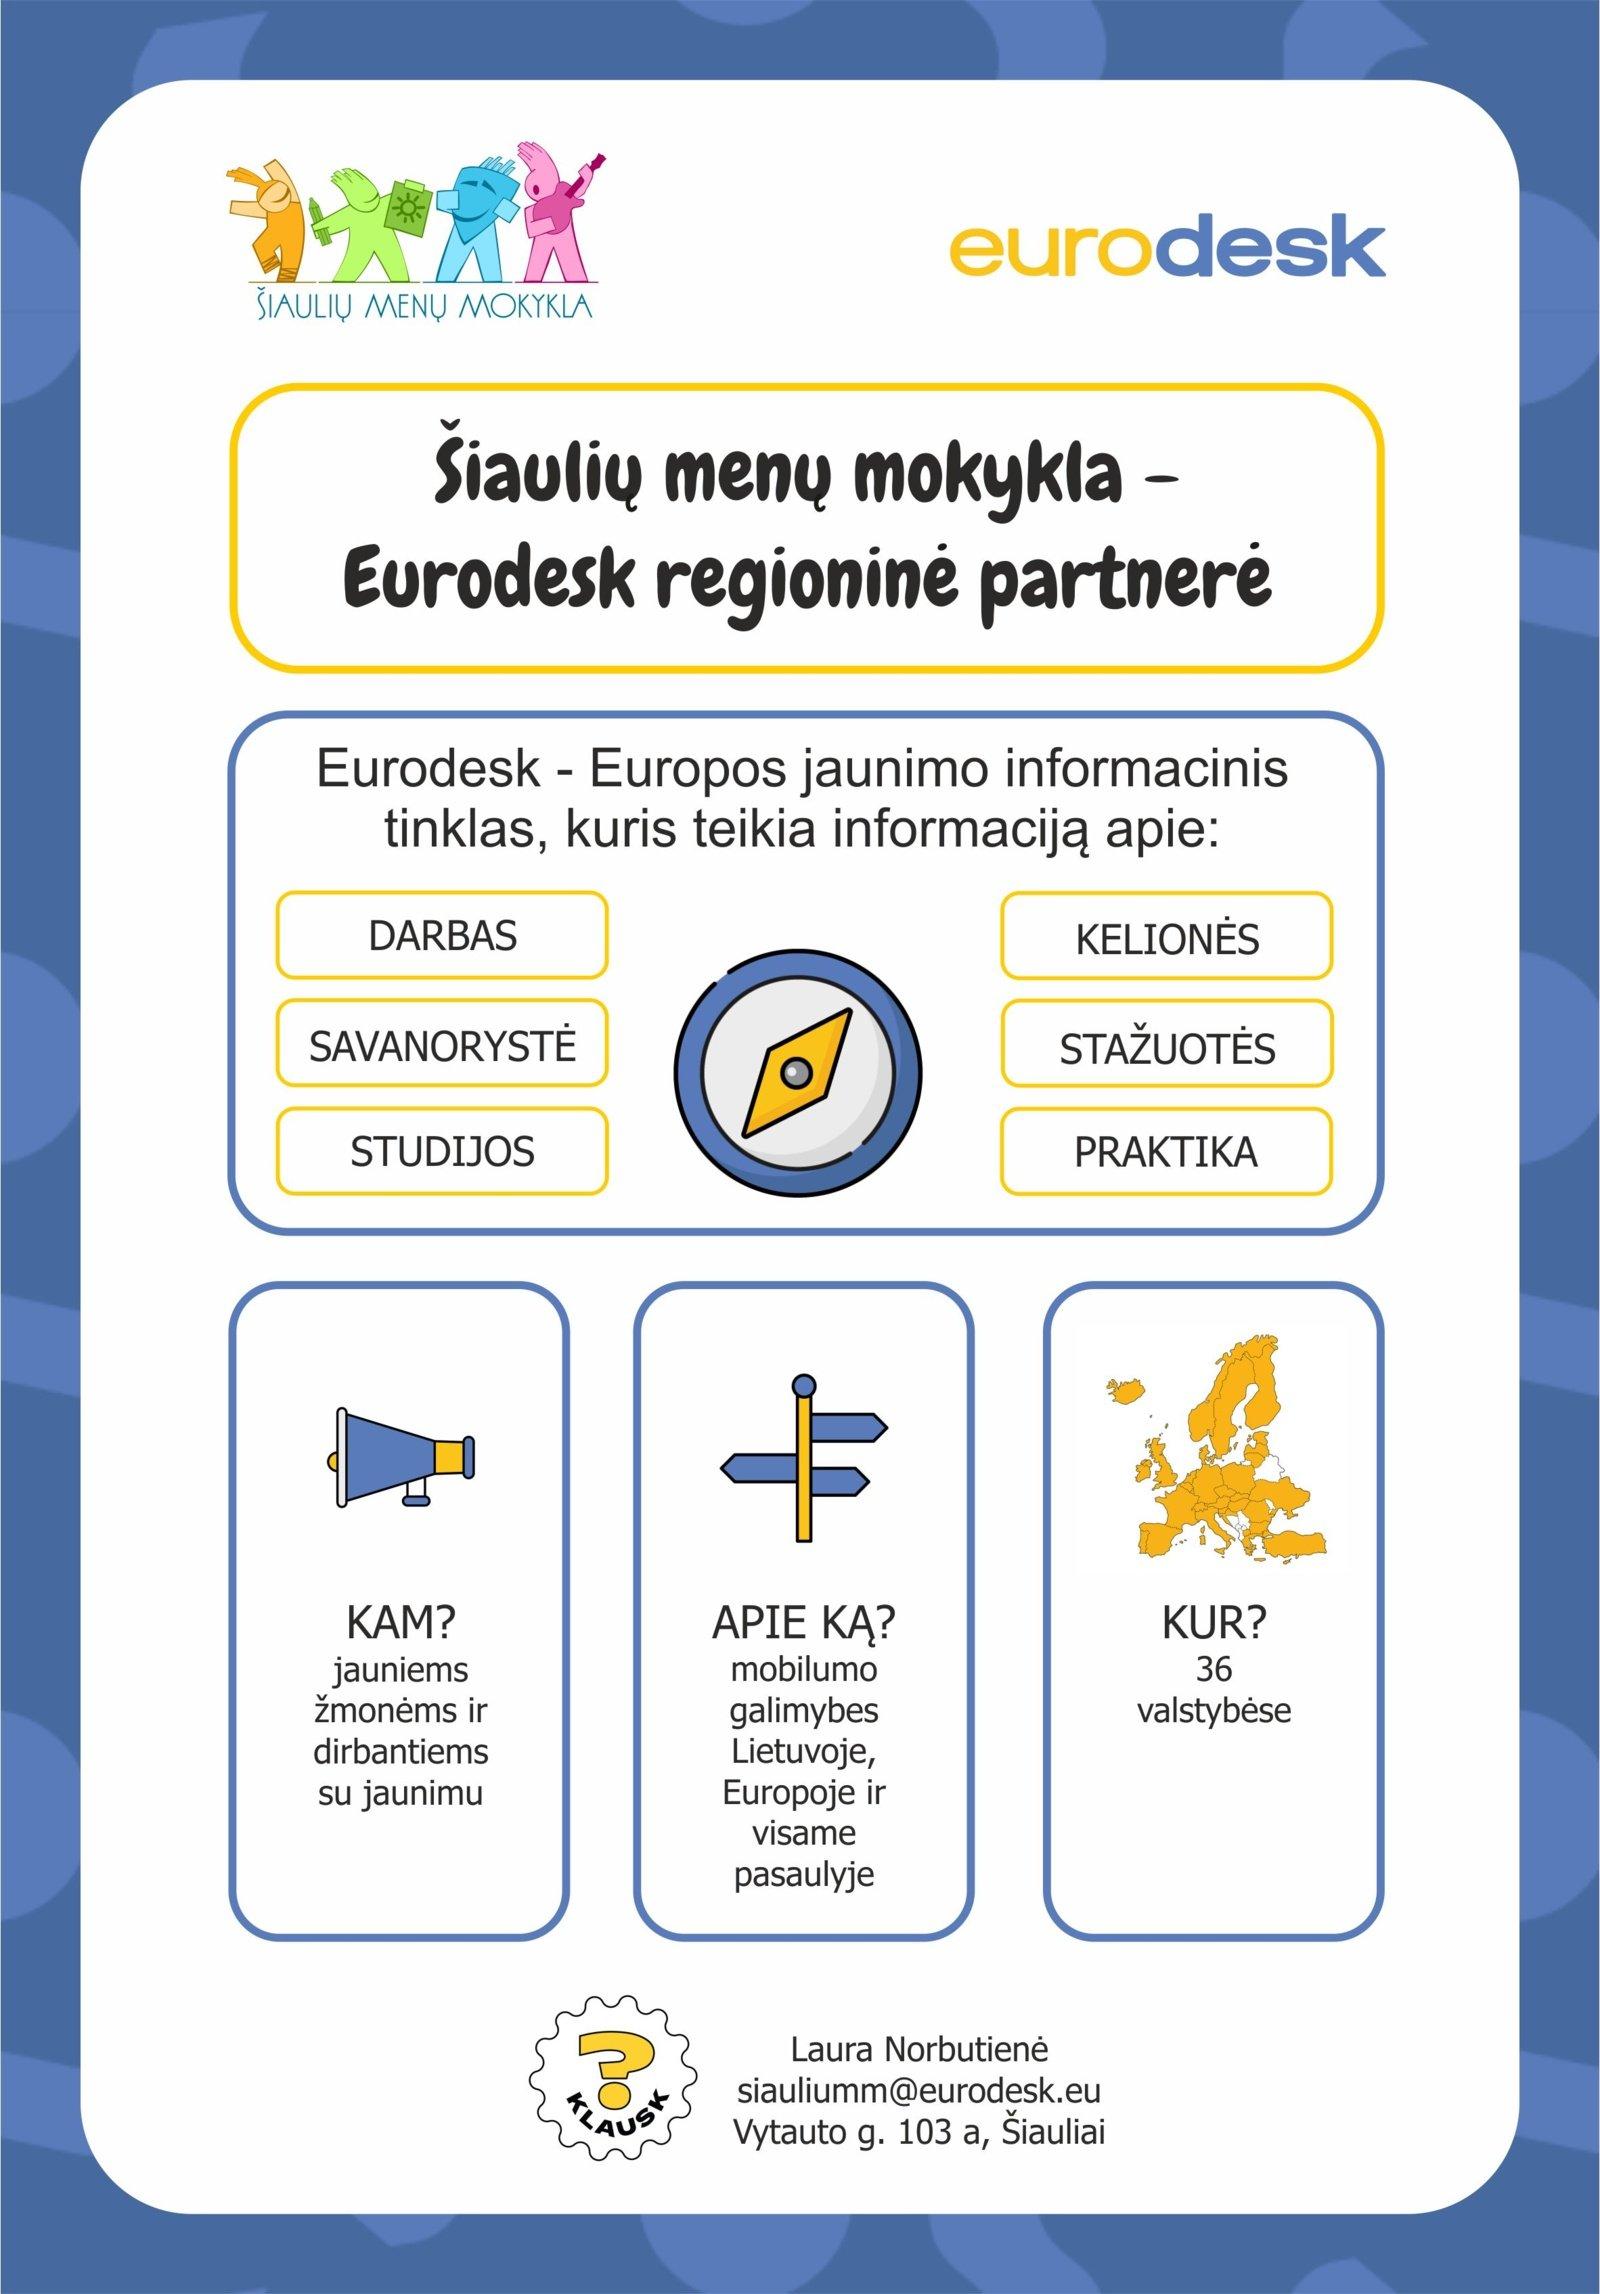 Šiaulių menų mokykla tapo tarptautinio informacinio tinklo Eurodesk regionine partnere